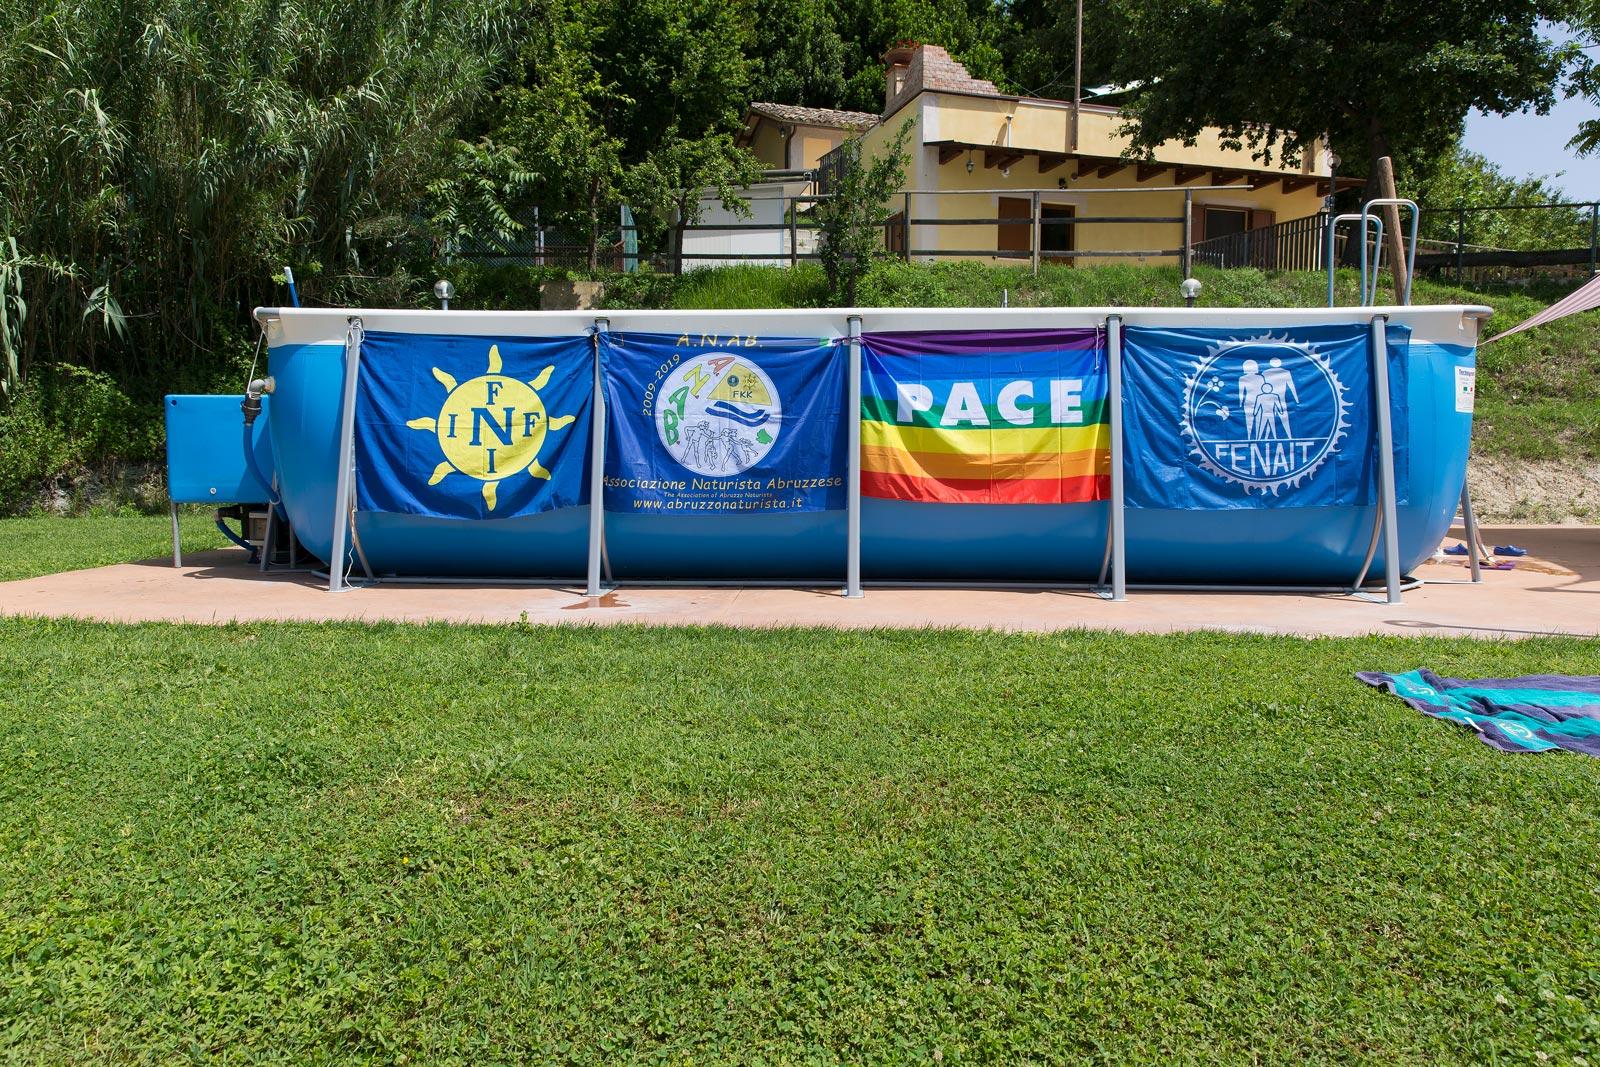 sorgente-naturismo-piscina-bandiere